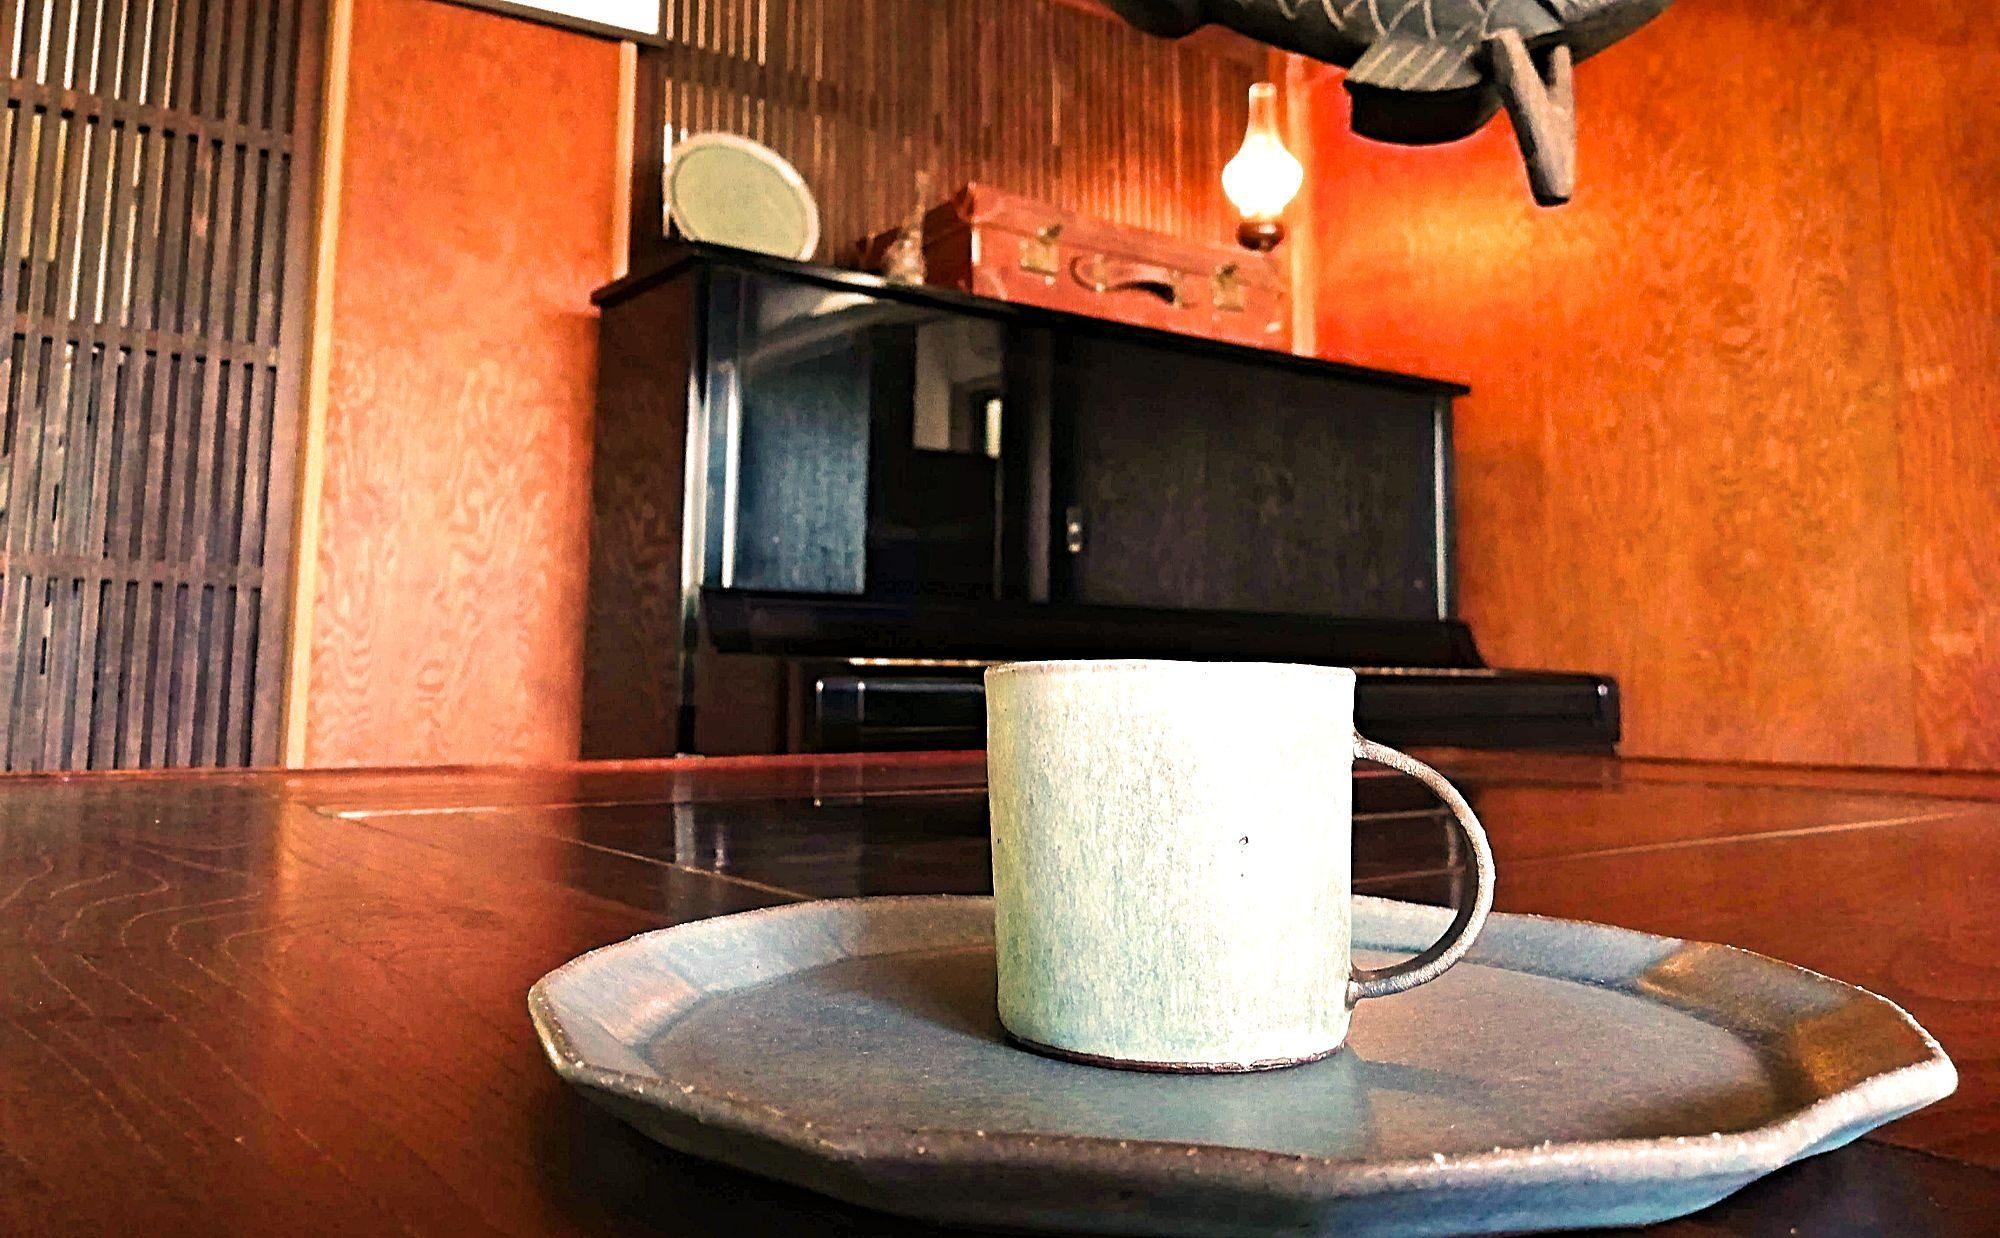 古民家カフェ風の家に住む ゆったりあたたかな暮らし